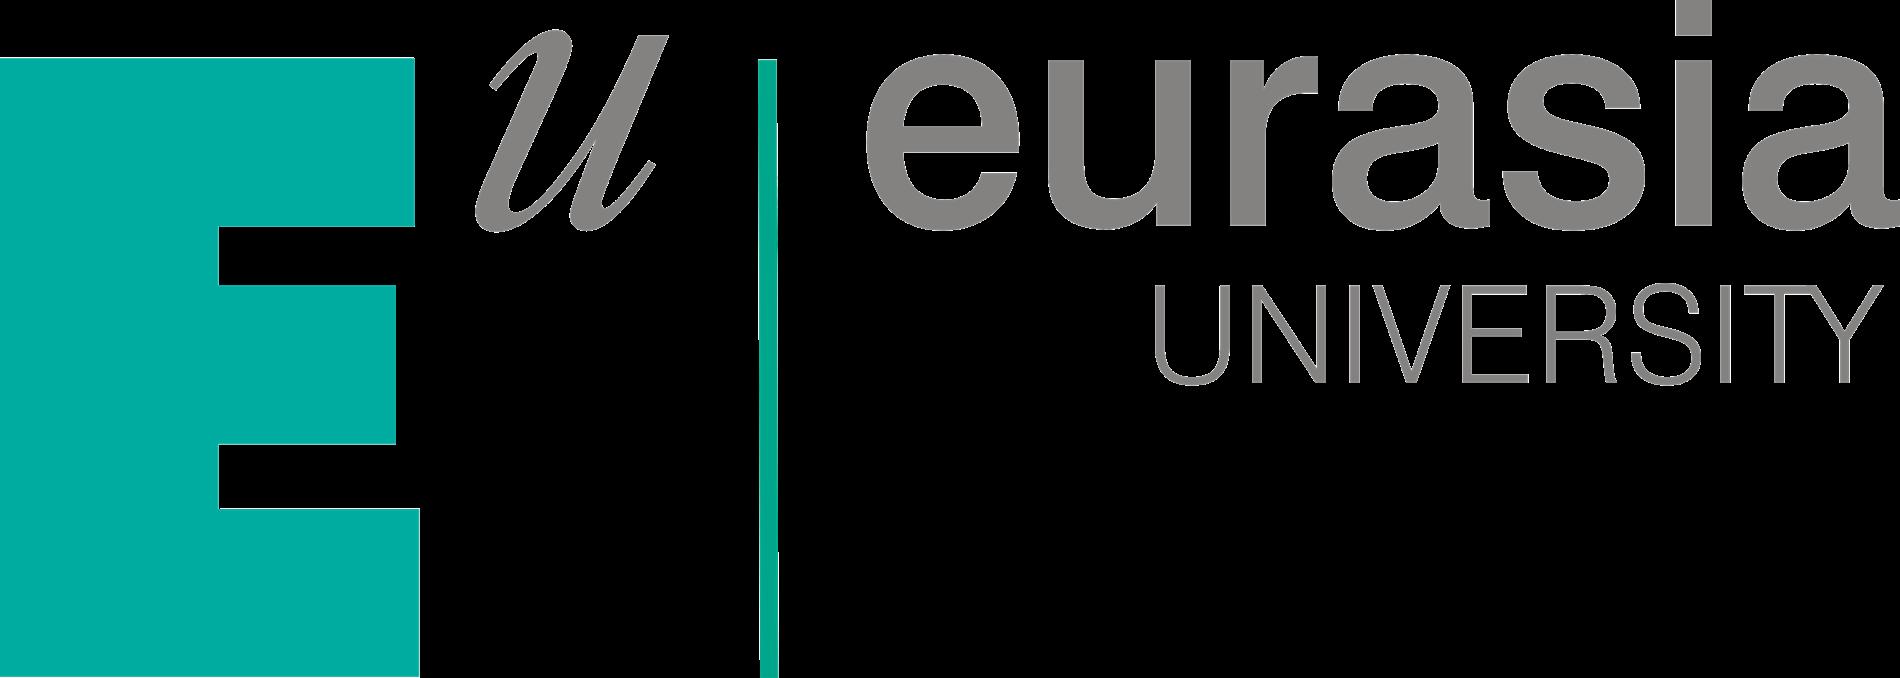 Eurasia LG logo